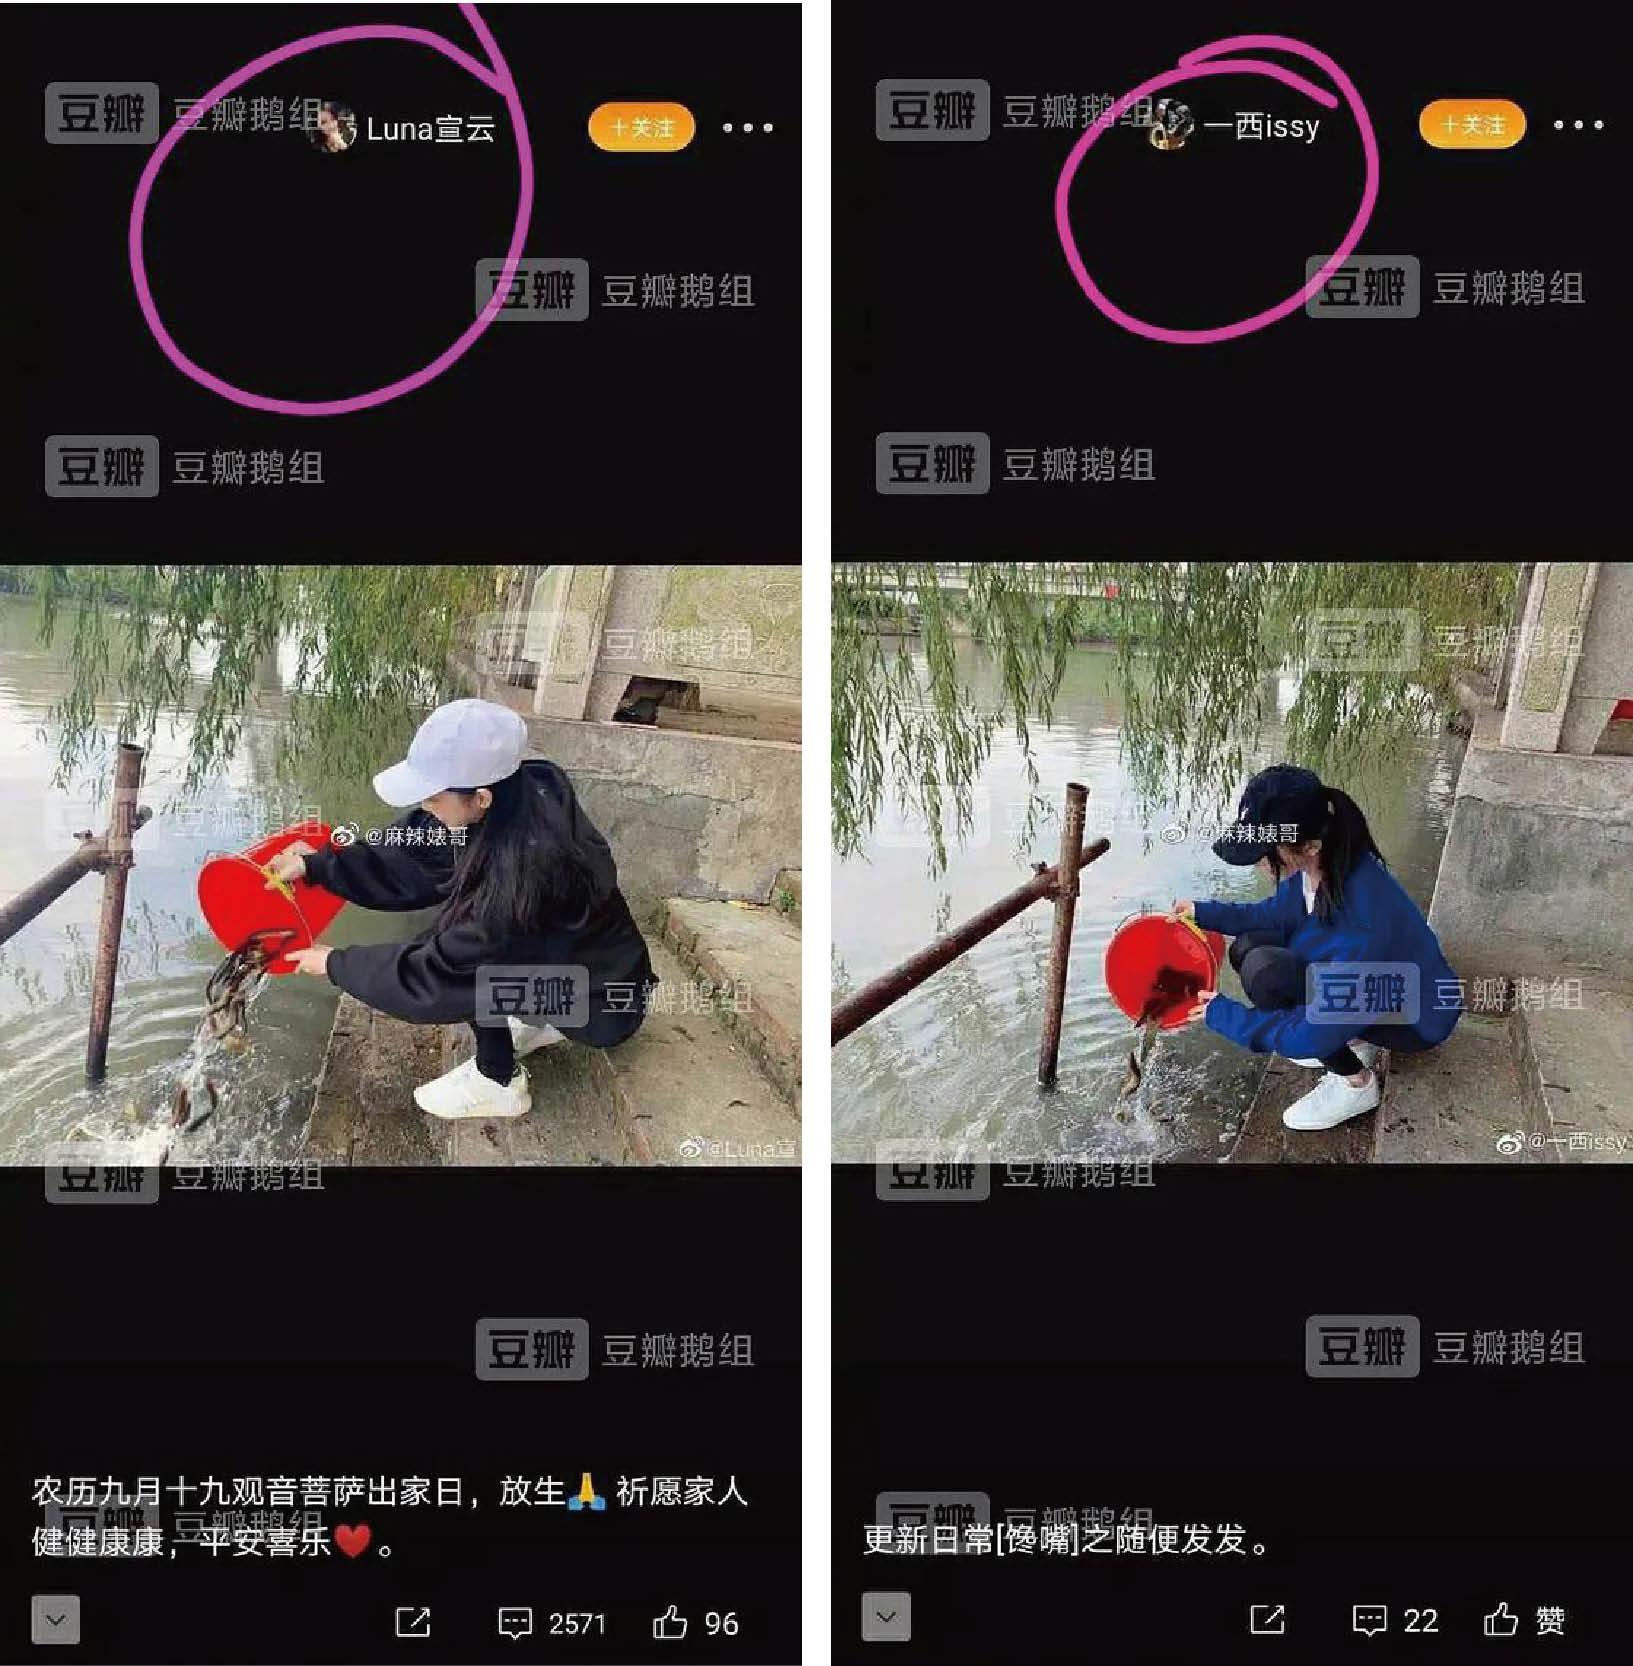 Luna(左圖)在社交平台曬放生照,被揭與其他網紅照片百分百雷同。(取材自微博)